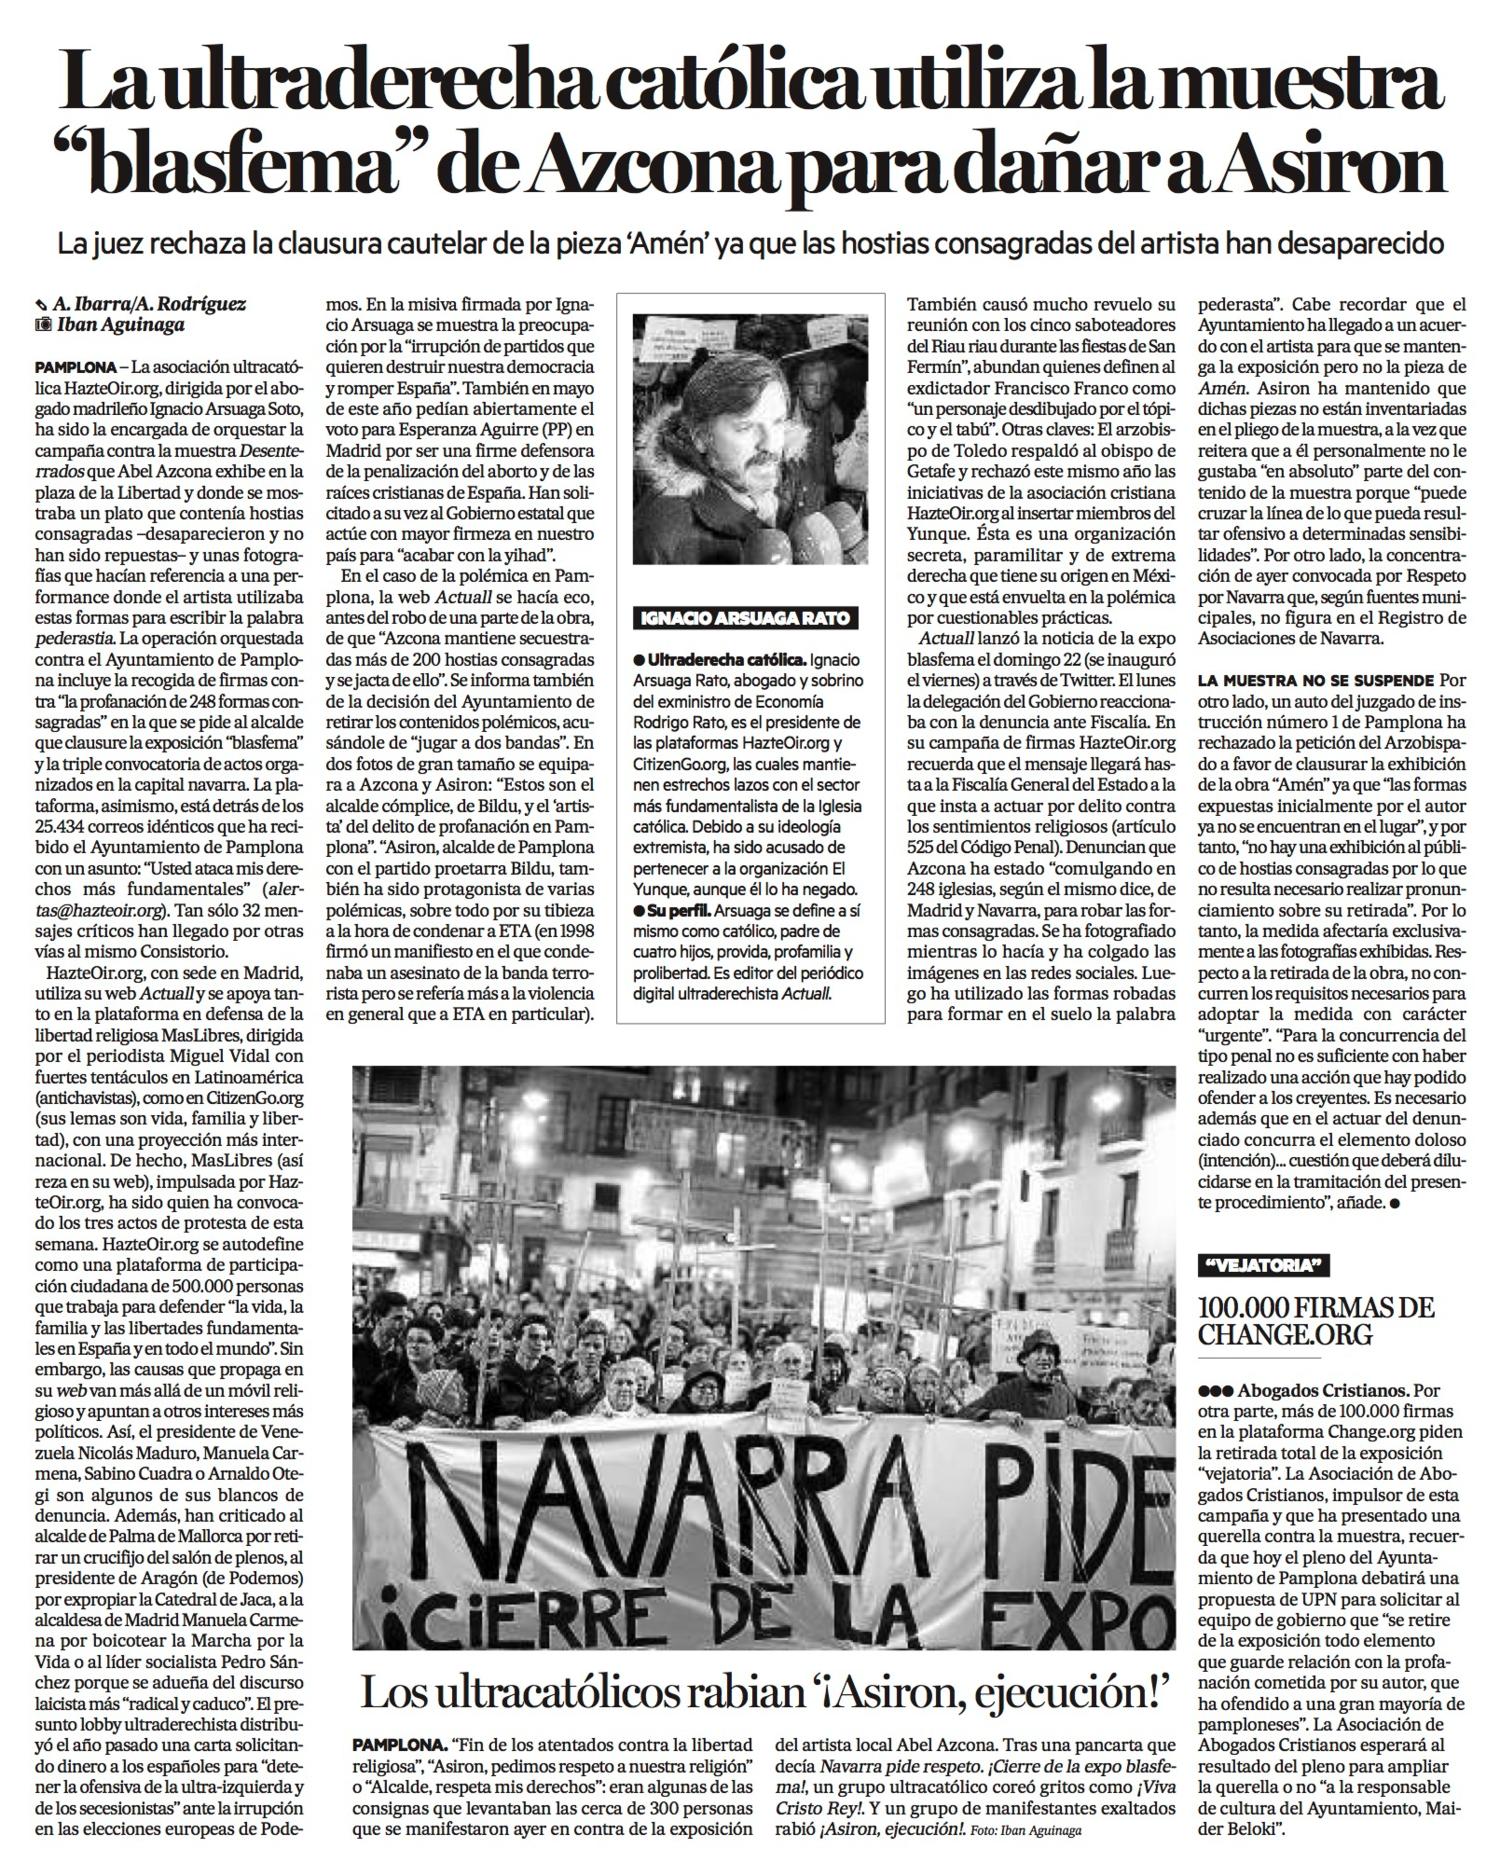 Viernes, 27 de Noviembre de 2015. Diario de Noticias de Navarra.